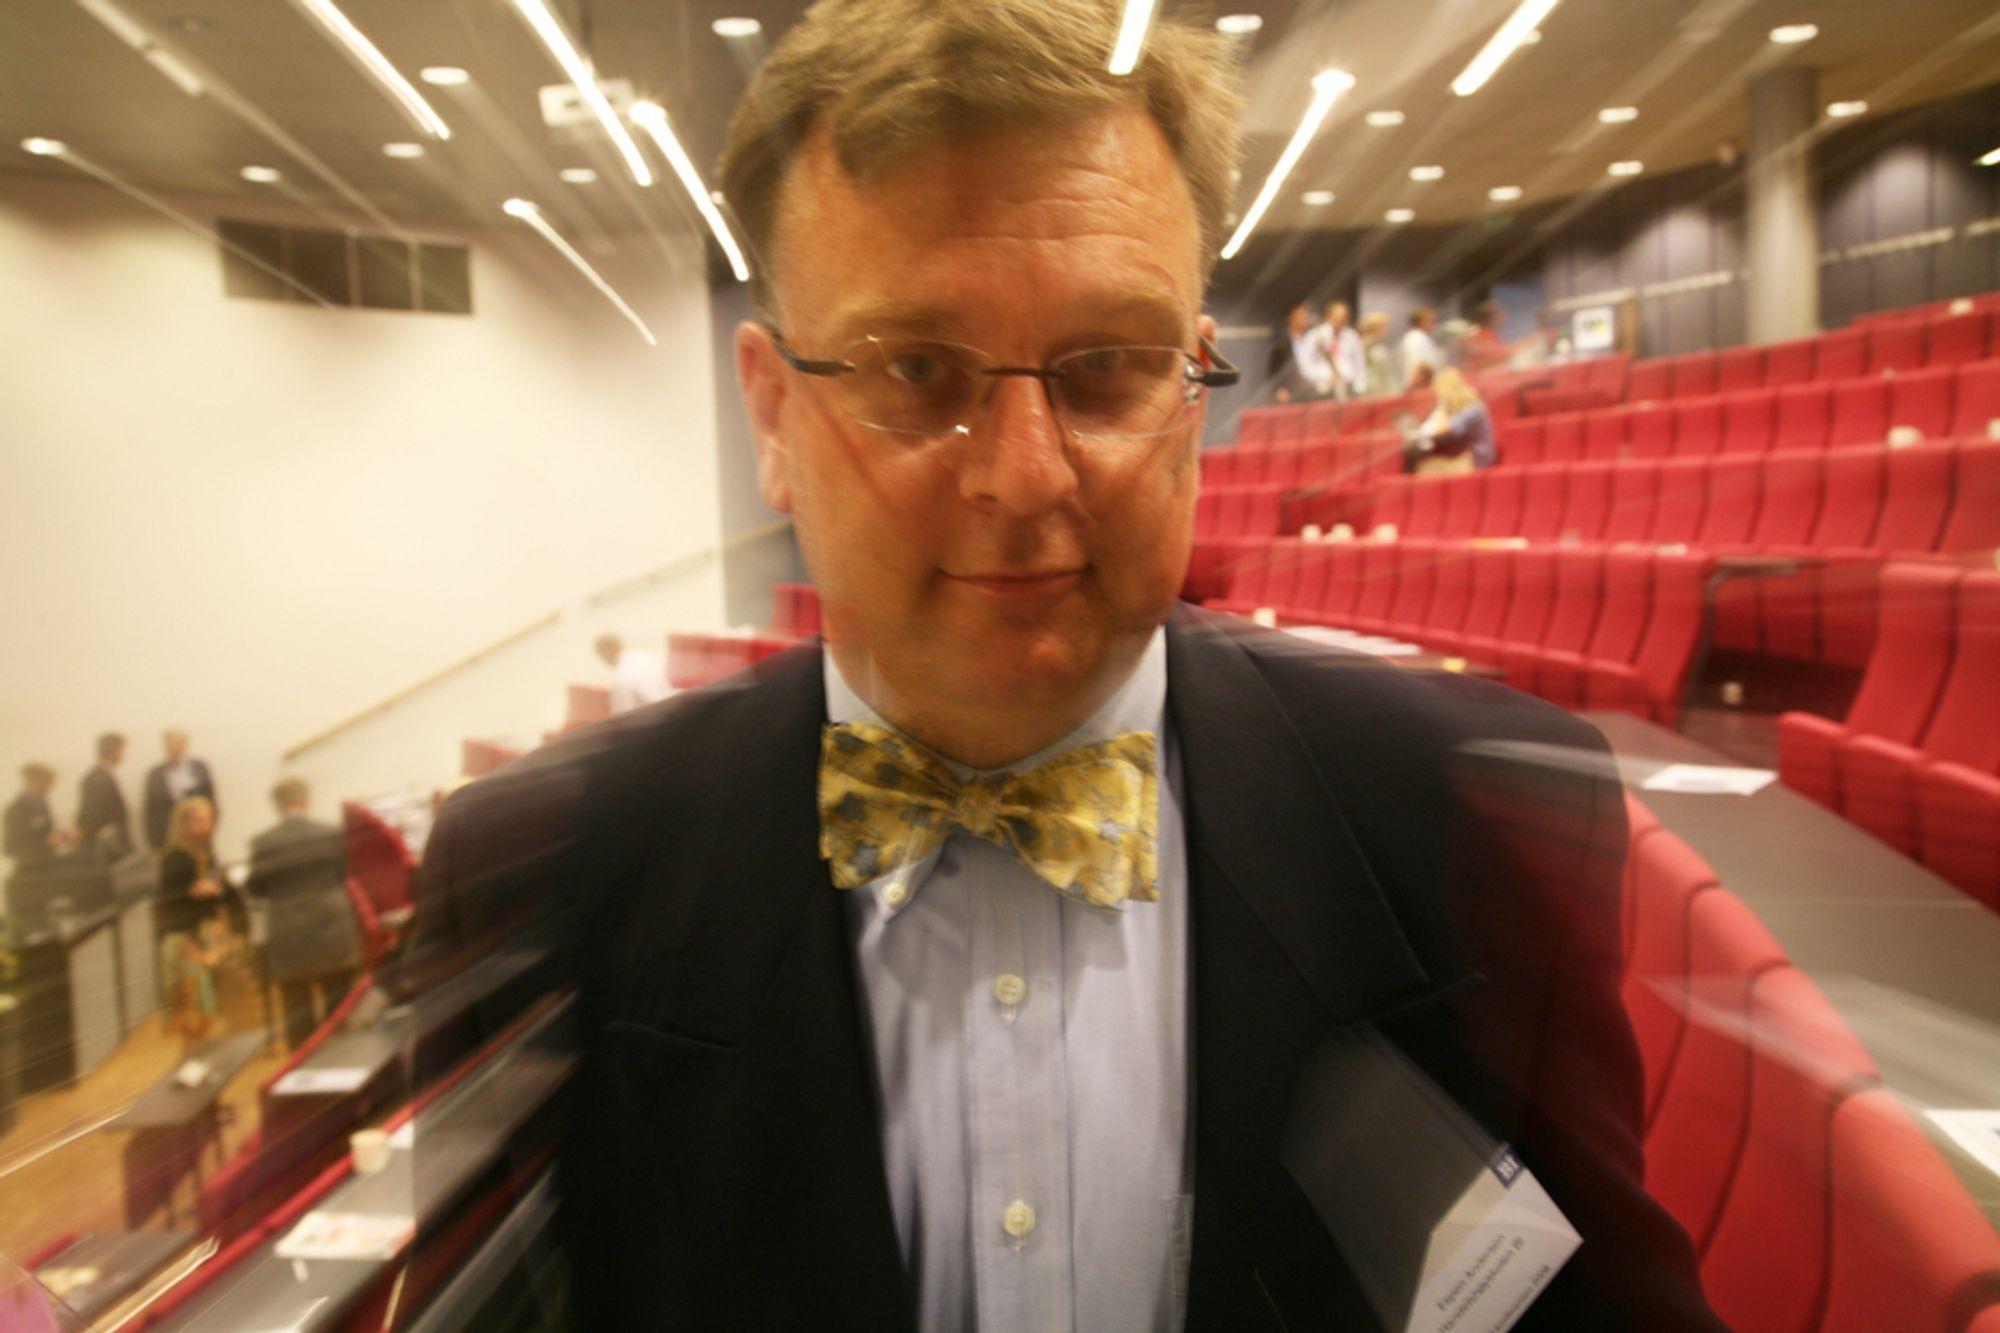 ULIKT: Ingeniører liker ikke lange møter, ifølge Espen Andersen.